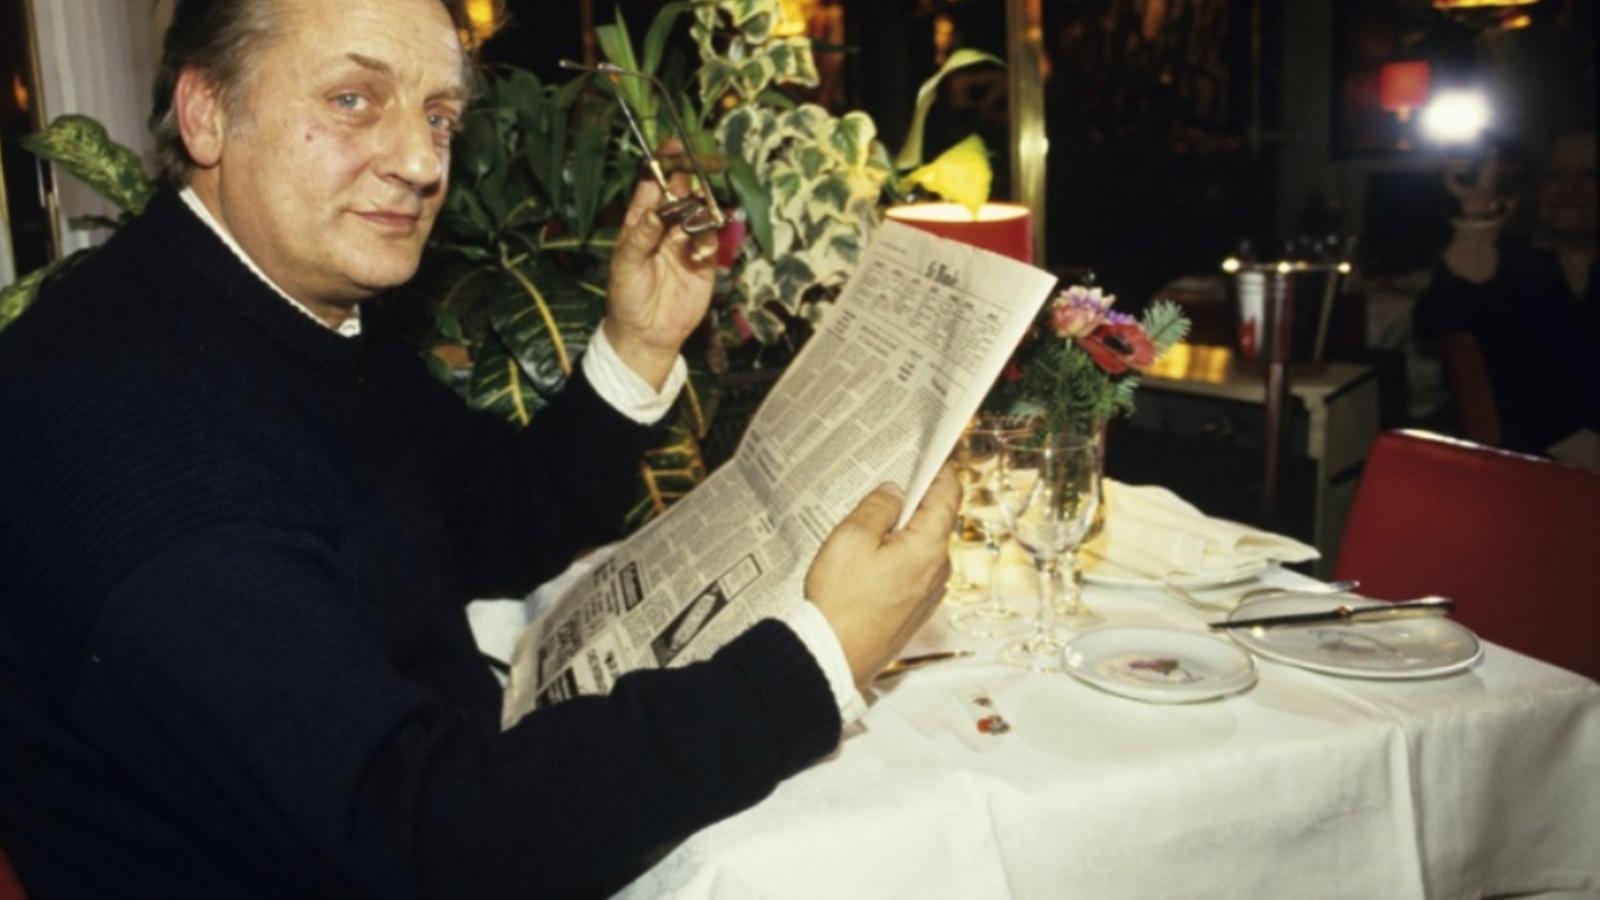 Maigret en l'adaptació televisiva de 1991 amb Bruno Cremer